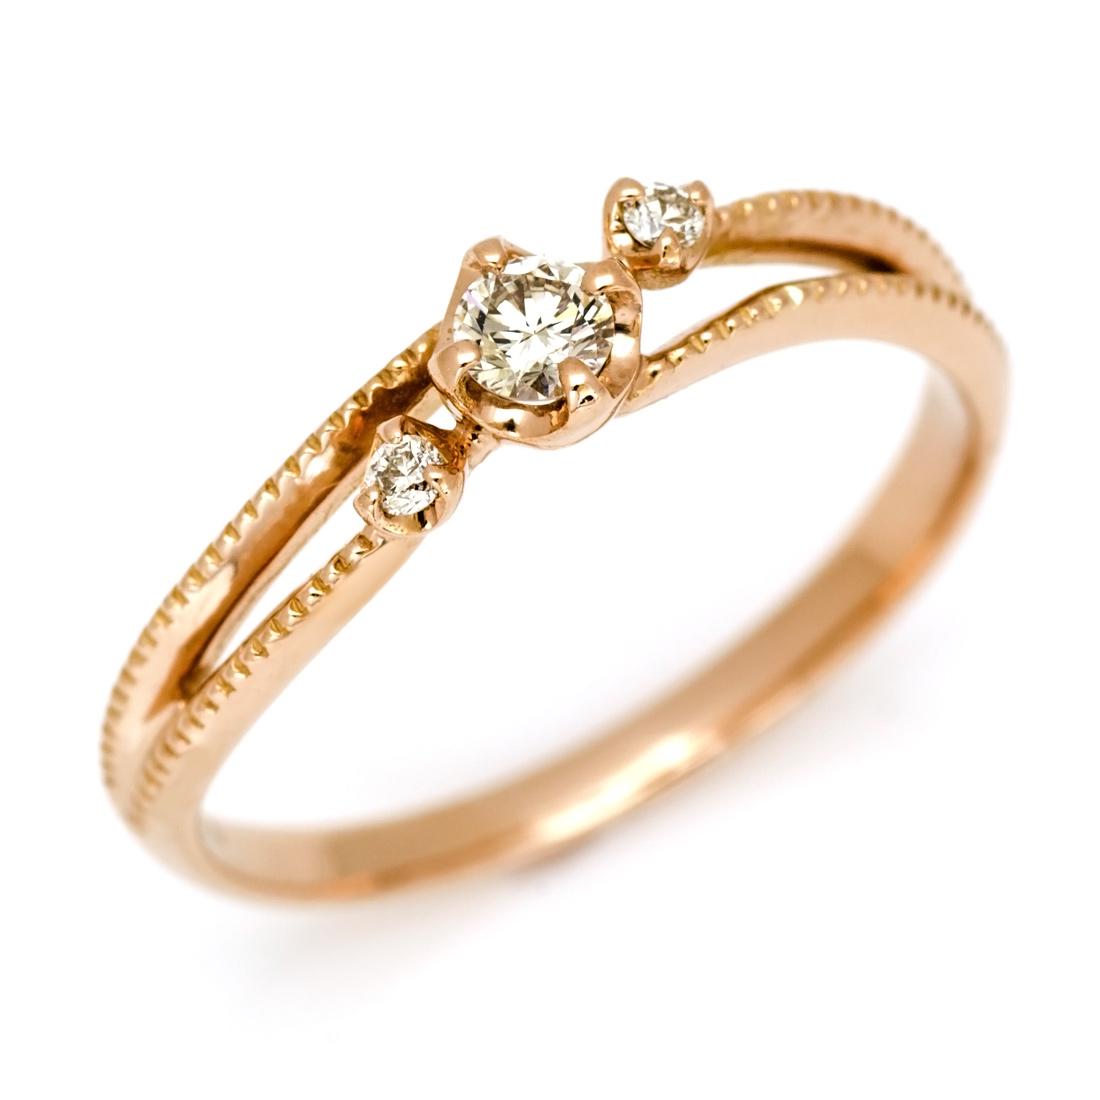 【GWクーポン配布中】リング ダイヤモンド ゴールド K18 「cresta」 送料無料